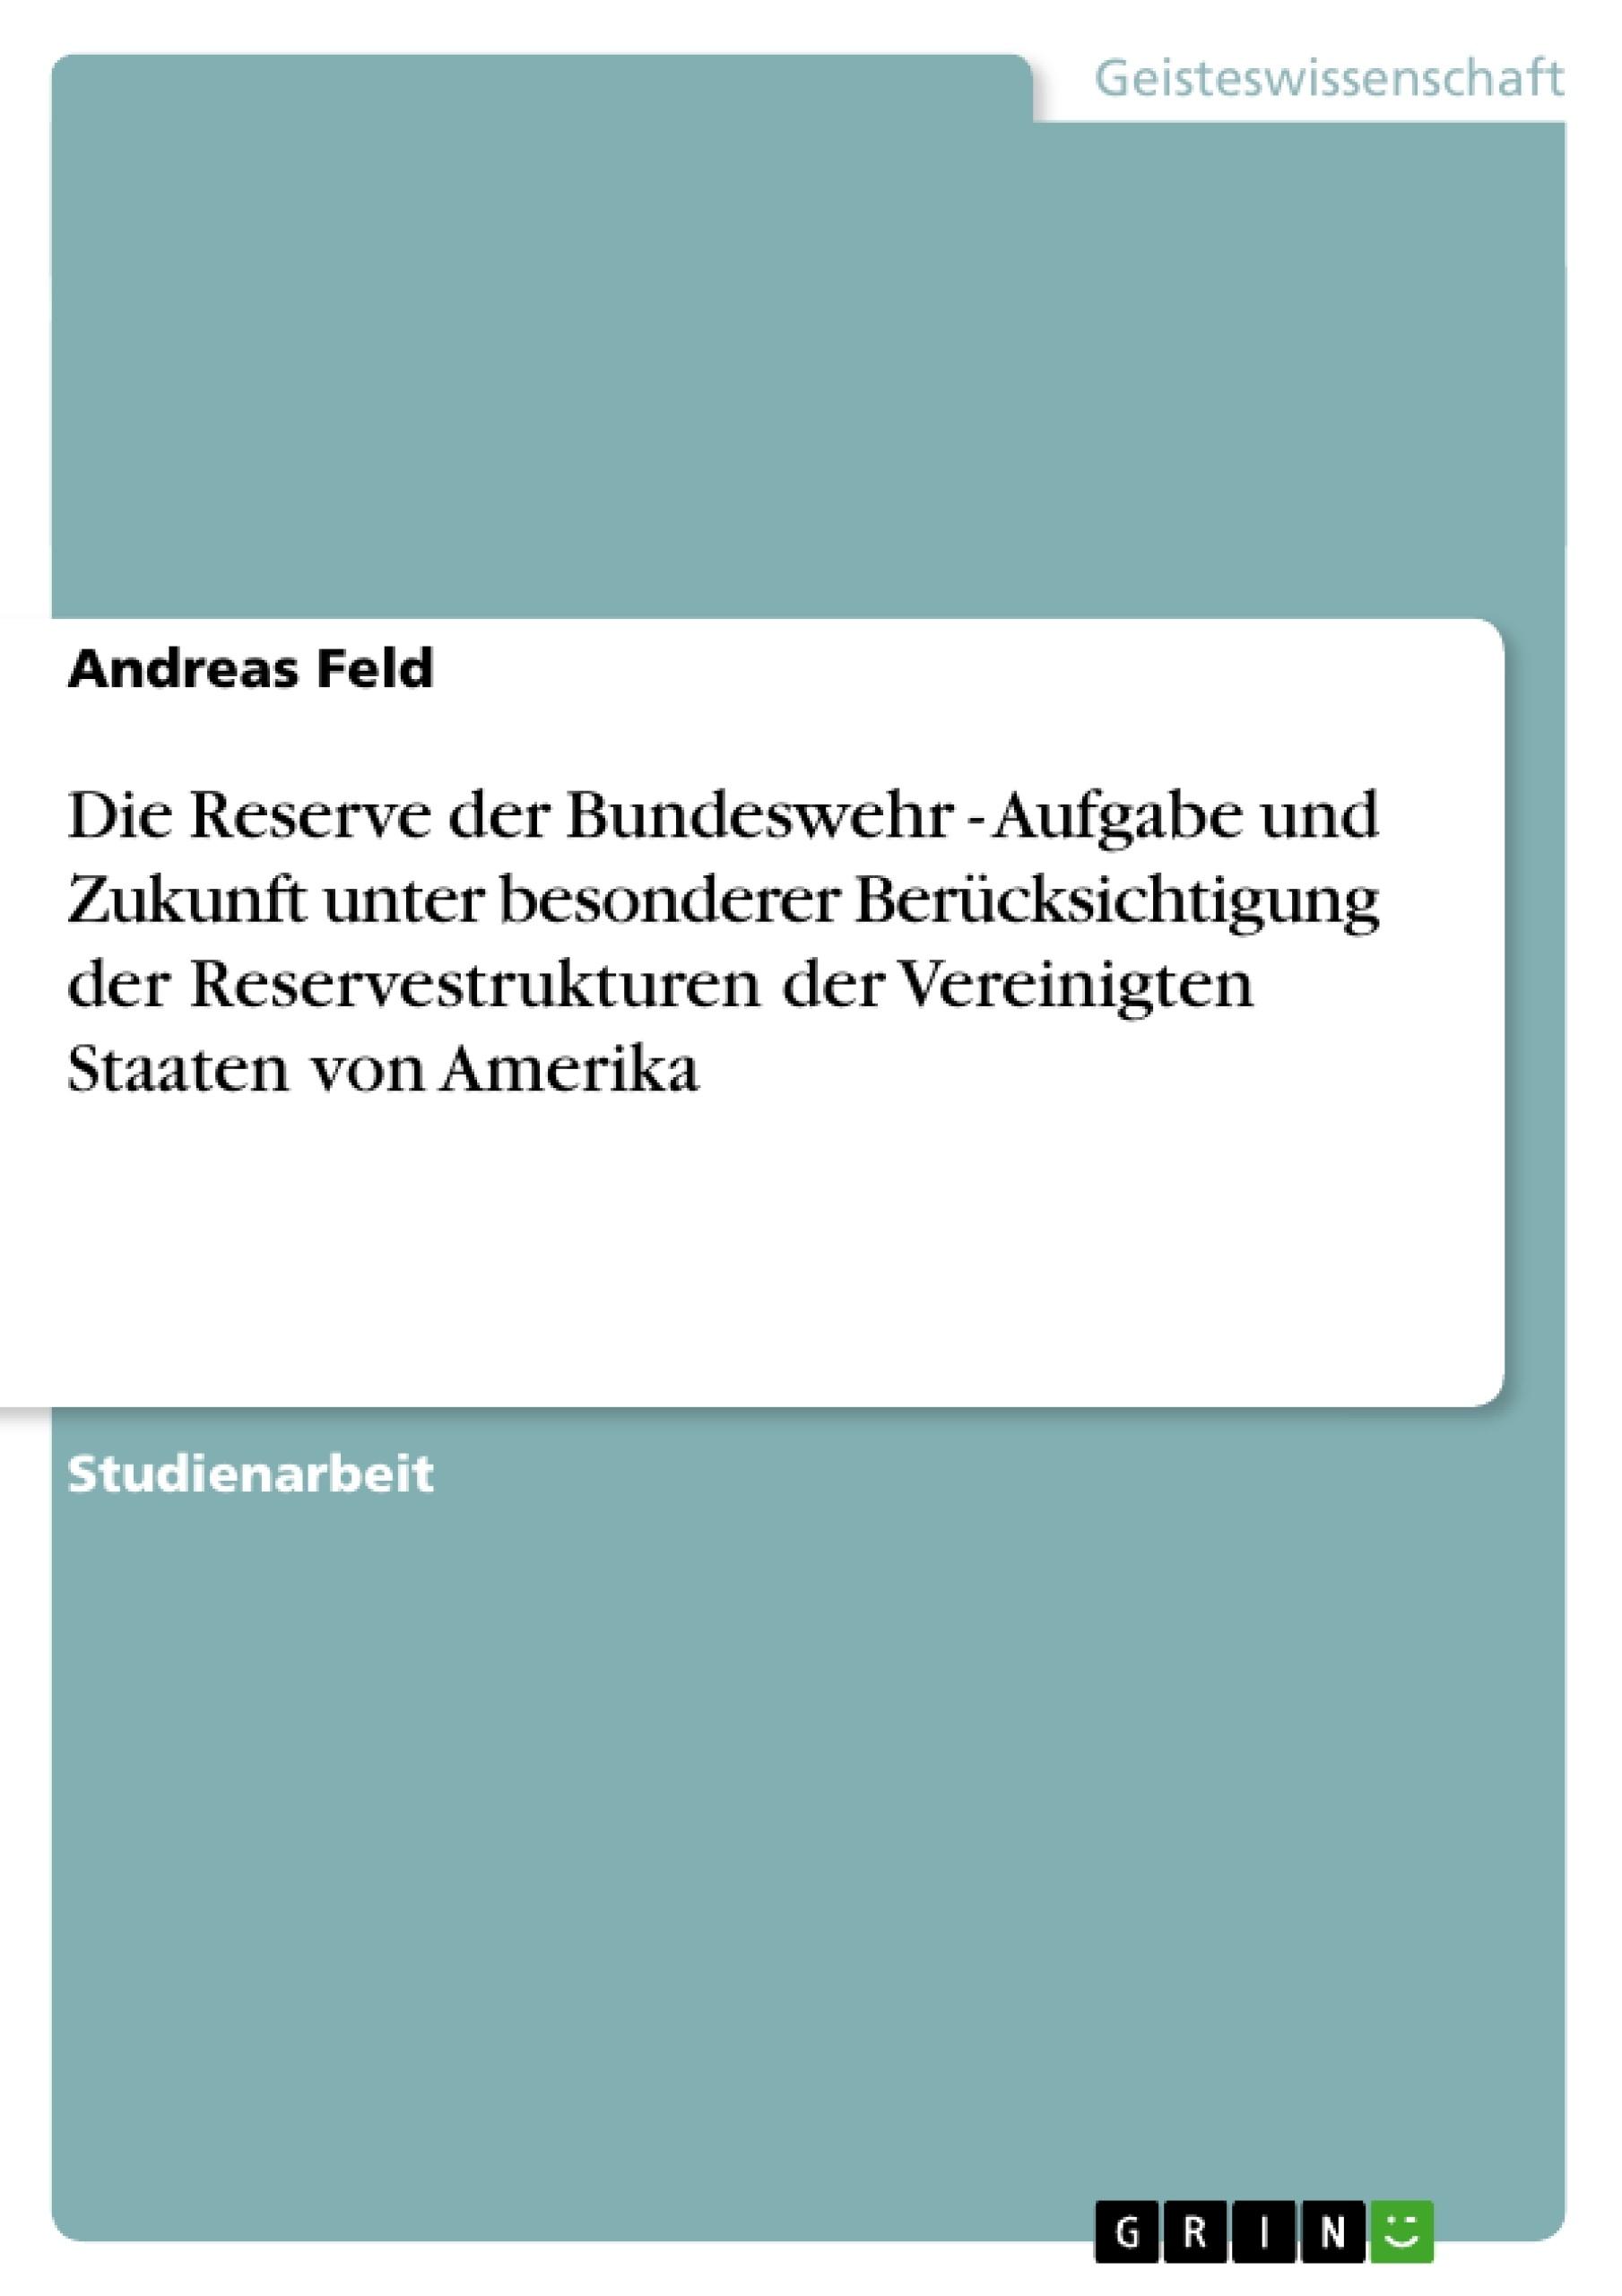 Titel: Die Reserve der Bundeswehr - Aufgabe und Zukunft unter besonderer Berücksichtigung der Reservestrukturen der Vereinigten Staaten von Amerika